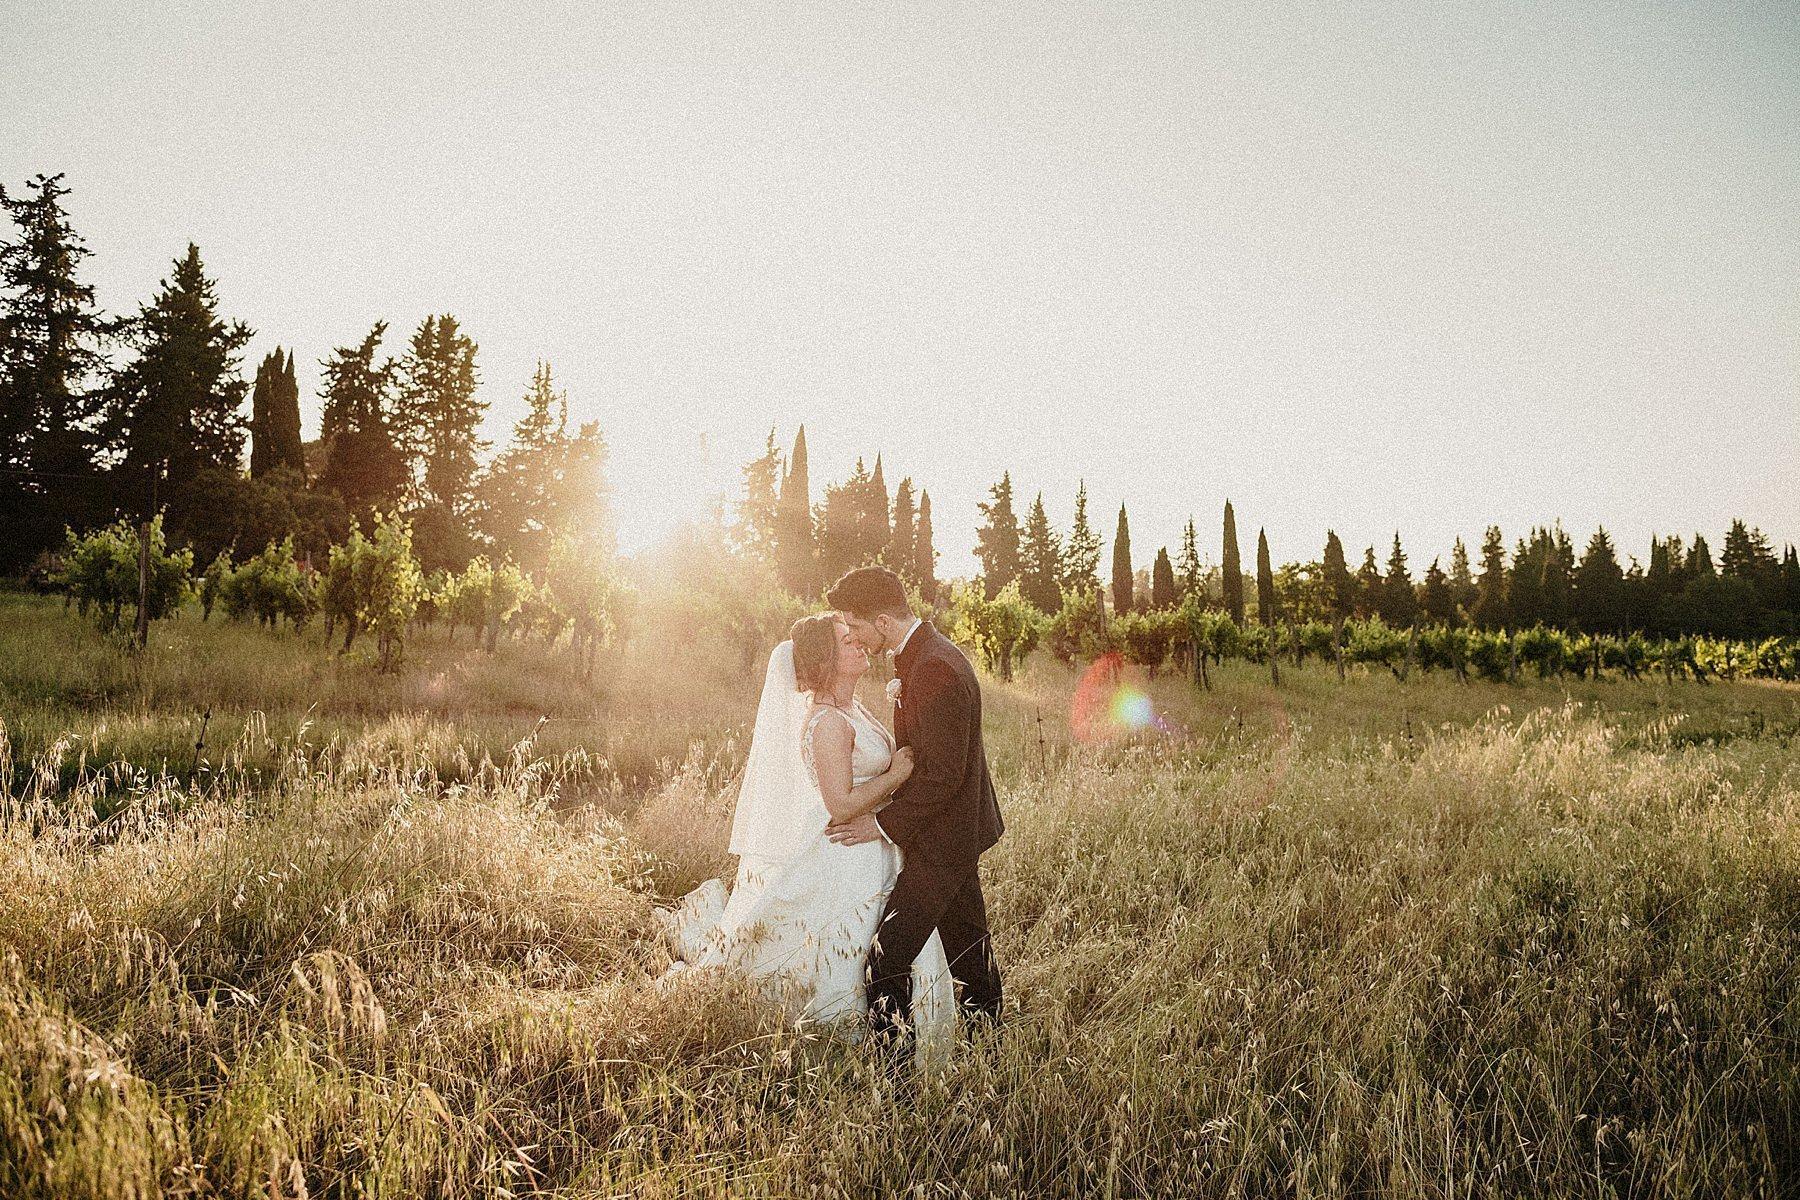 matrimonio tenuta bichi borghesi monteriggioni 3044